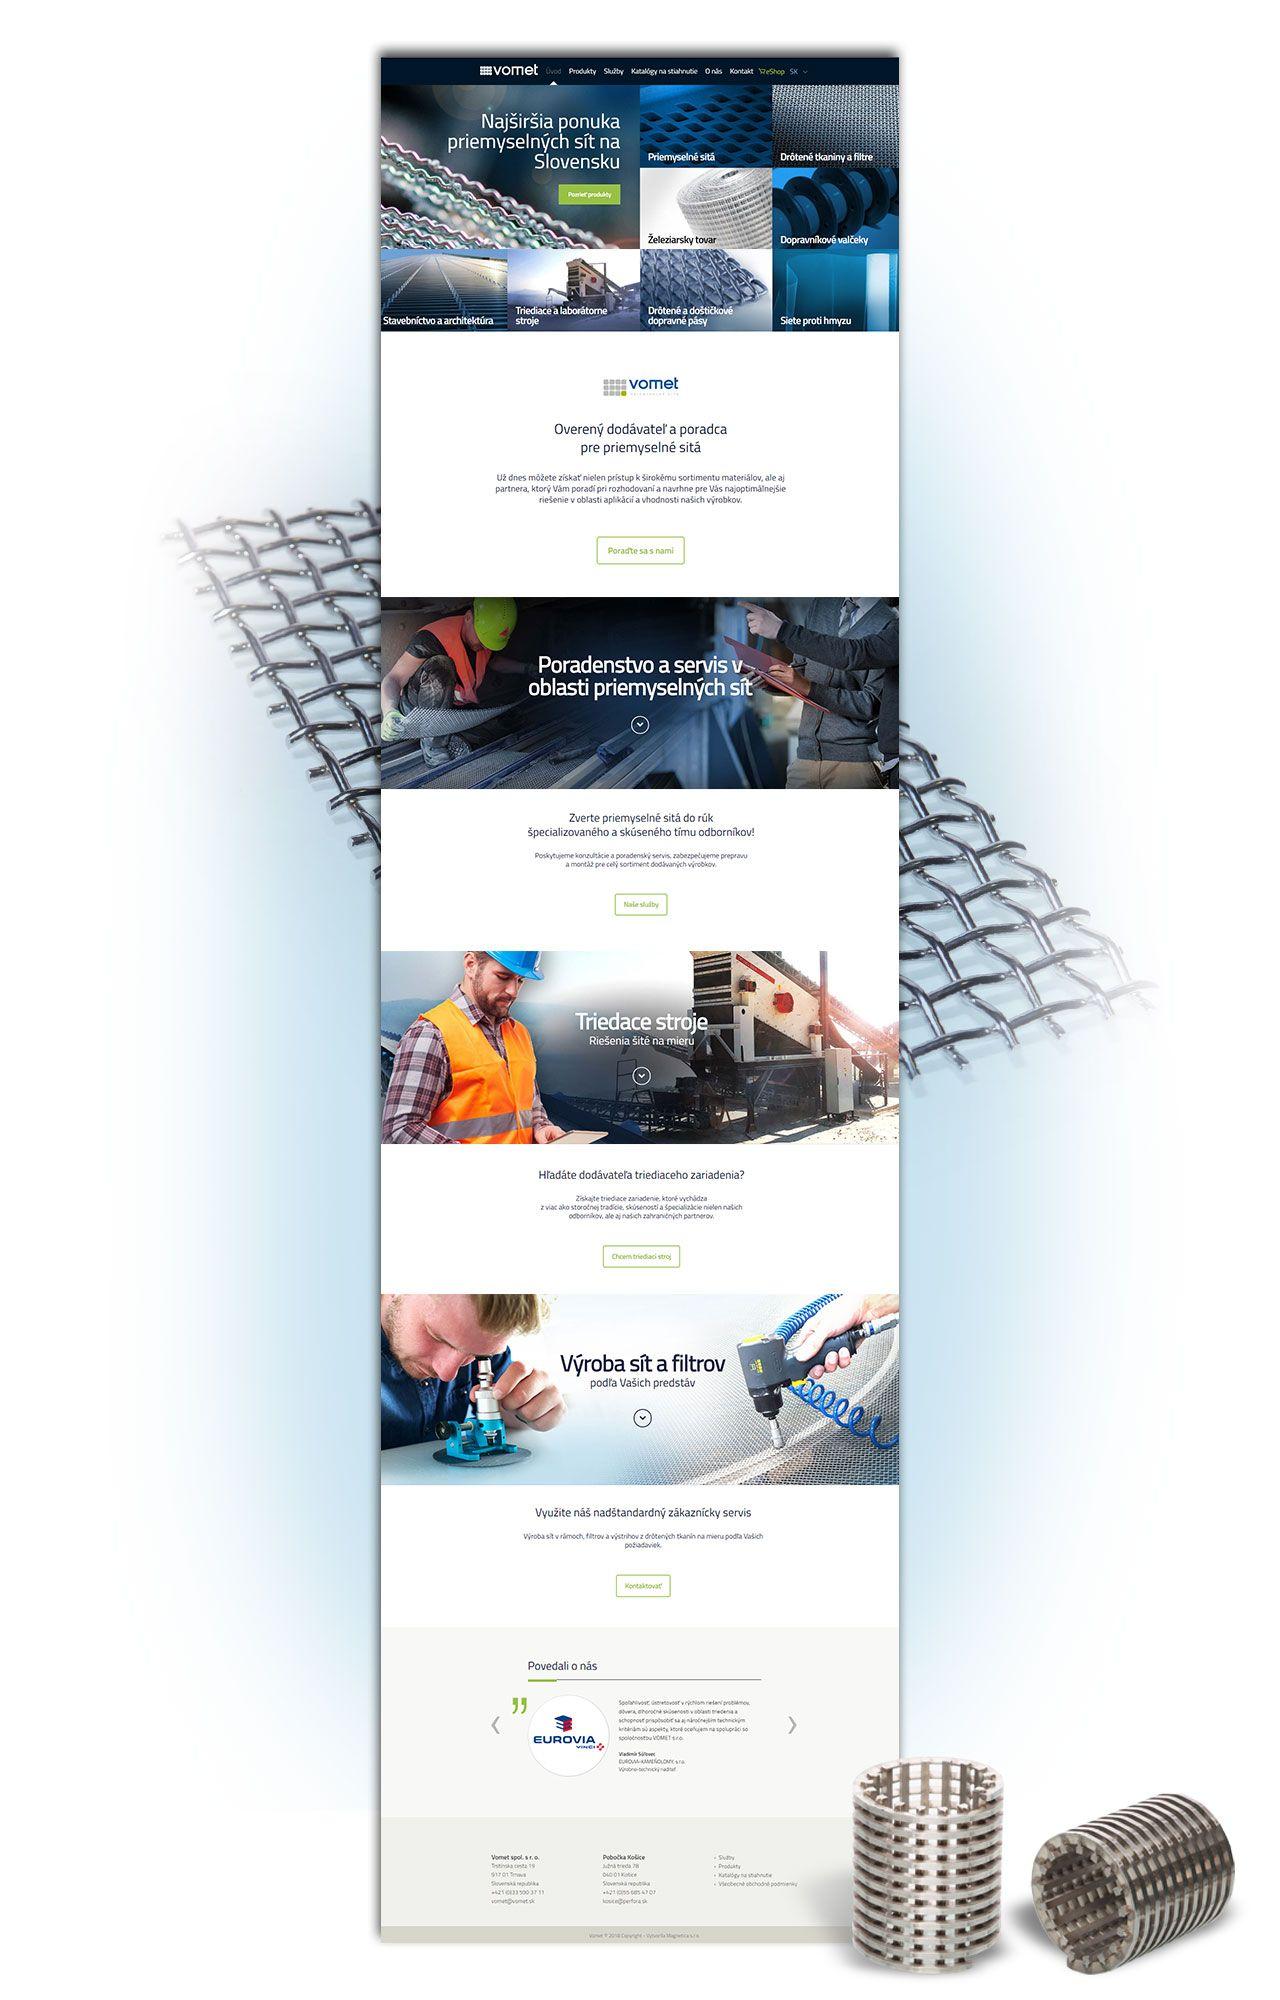 Referencia nová web stránka Vomet - magnetica.sk